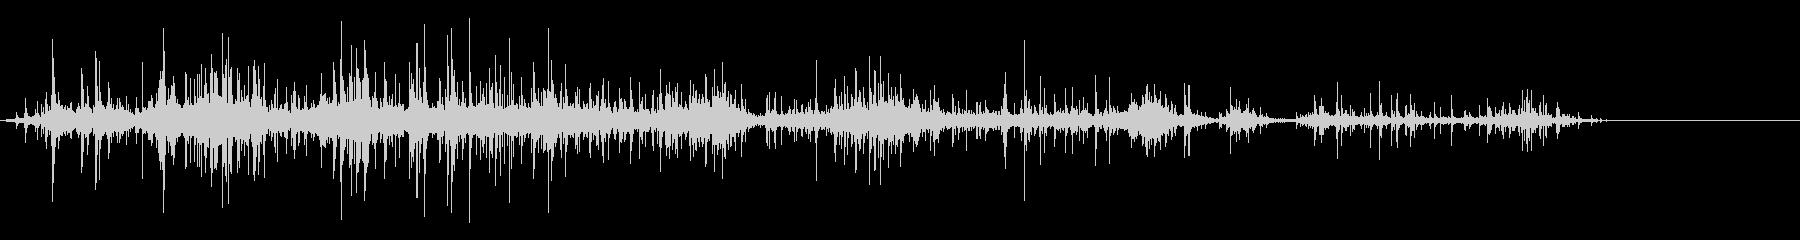 [生音]紙をクシャクシャにする03の未再生の波形